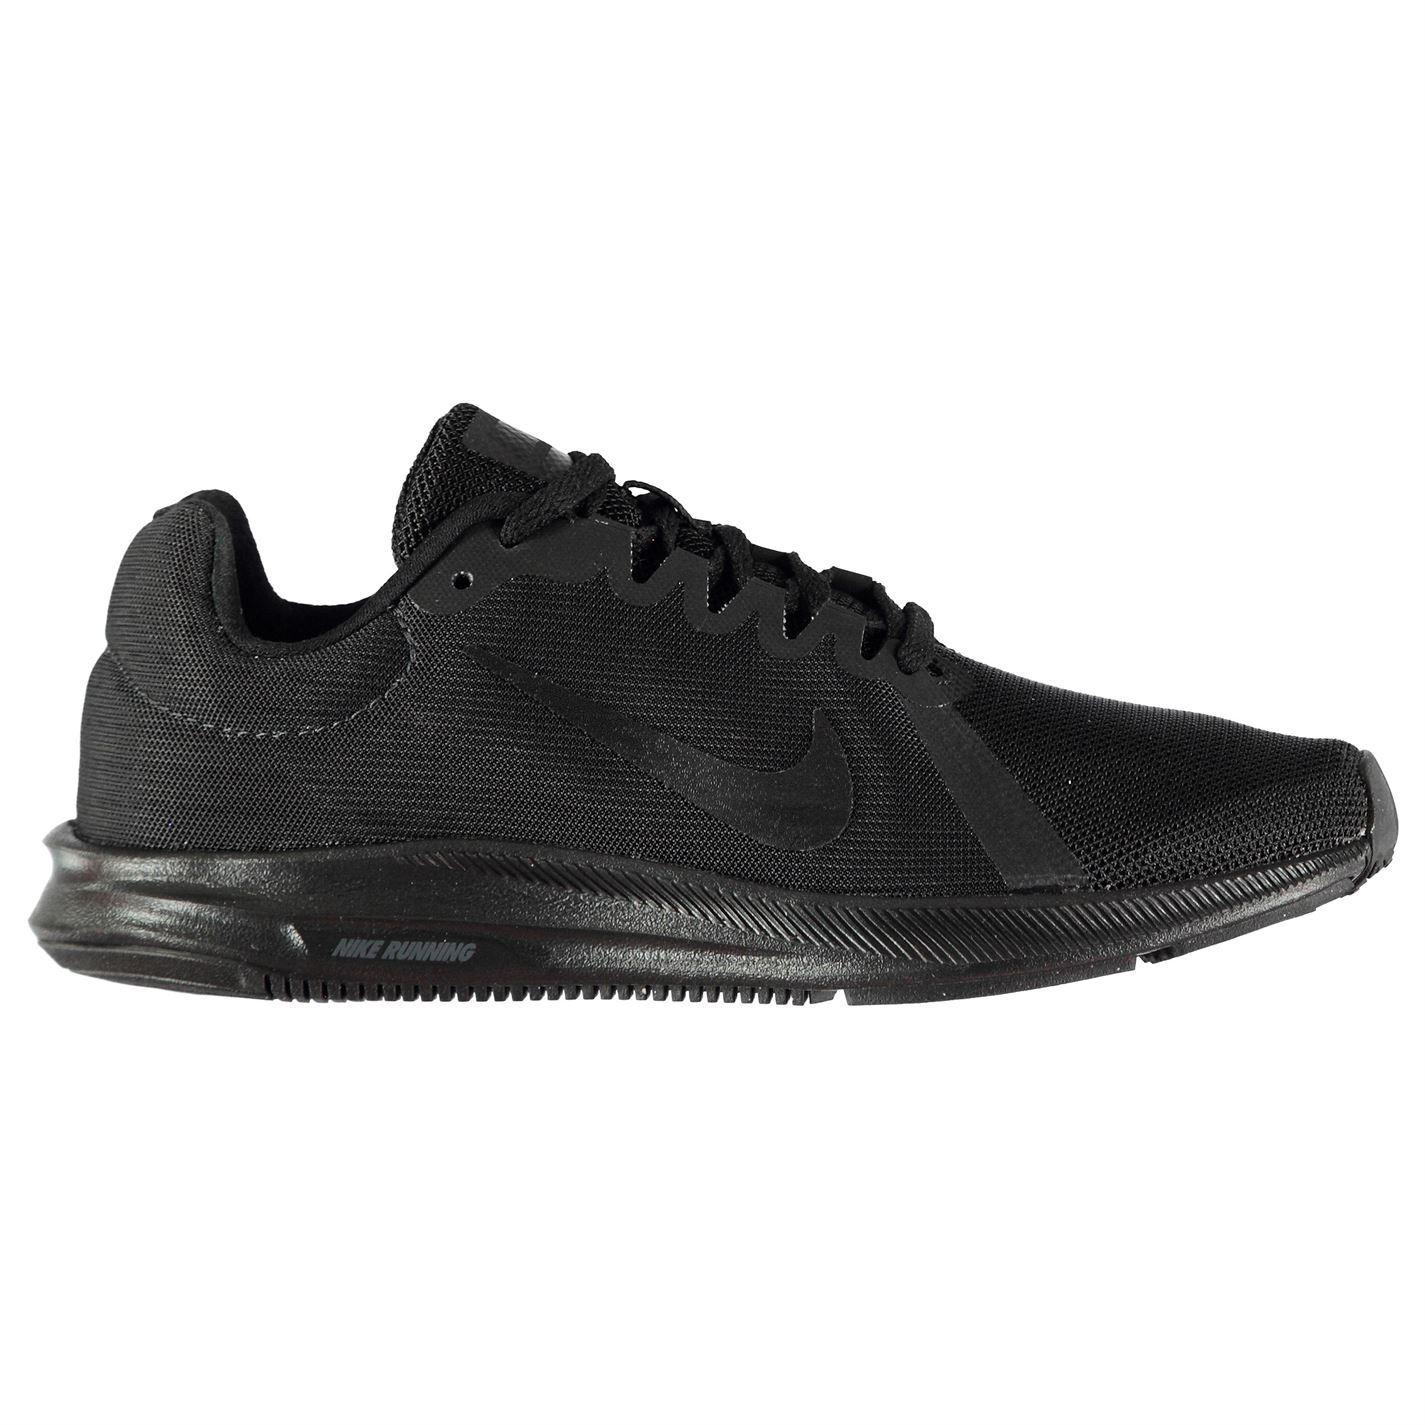 new product f4404 25b11 ... Nike Downshifter 8 zapatillas de deporte mujer negro correr zapatillas  zapatillas de Jogging ...